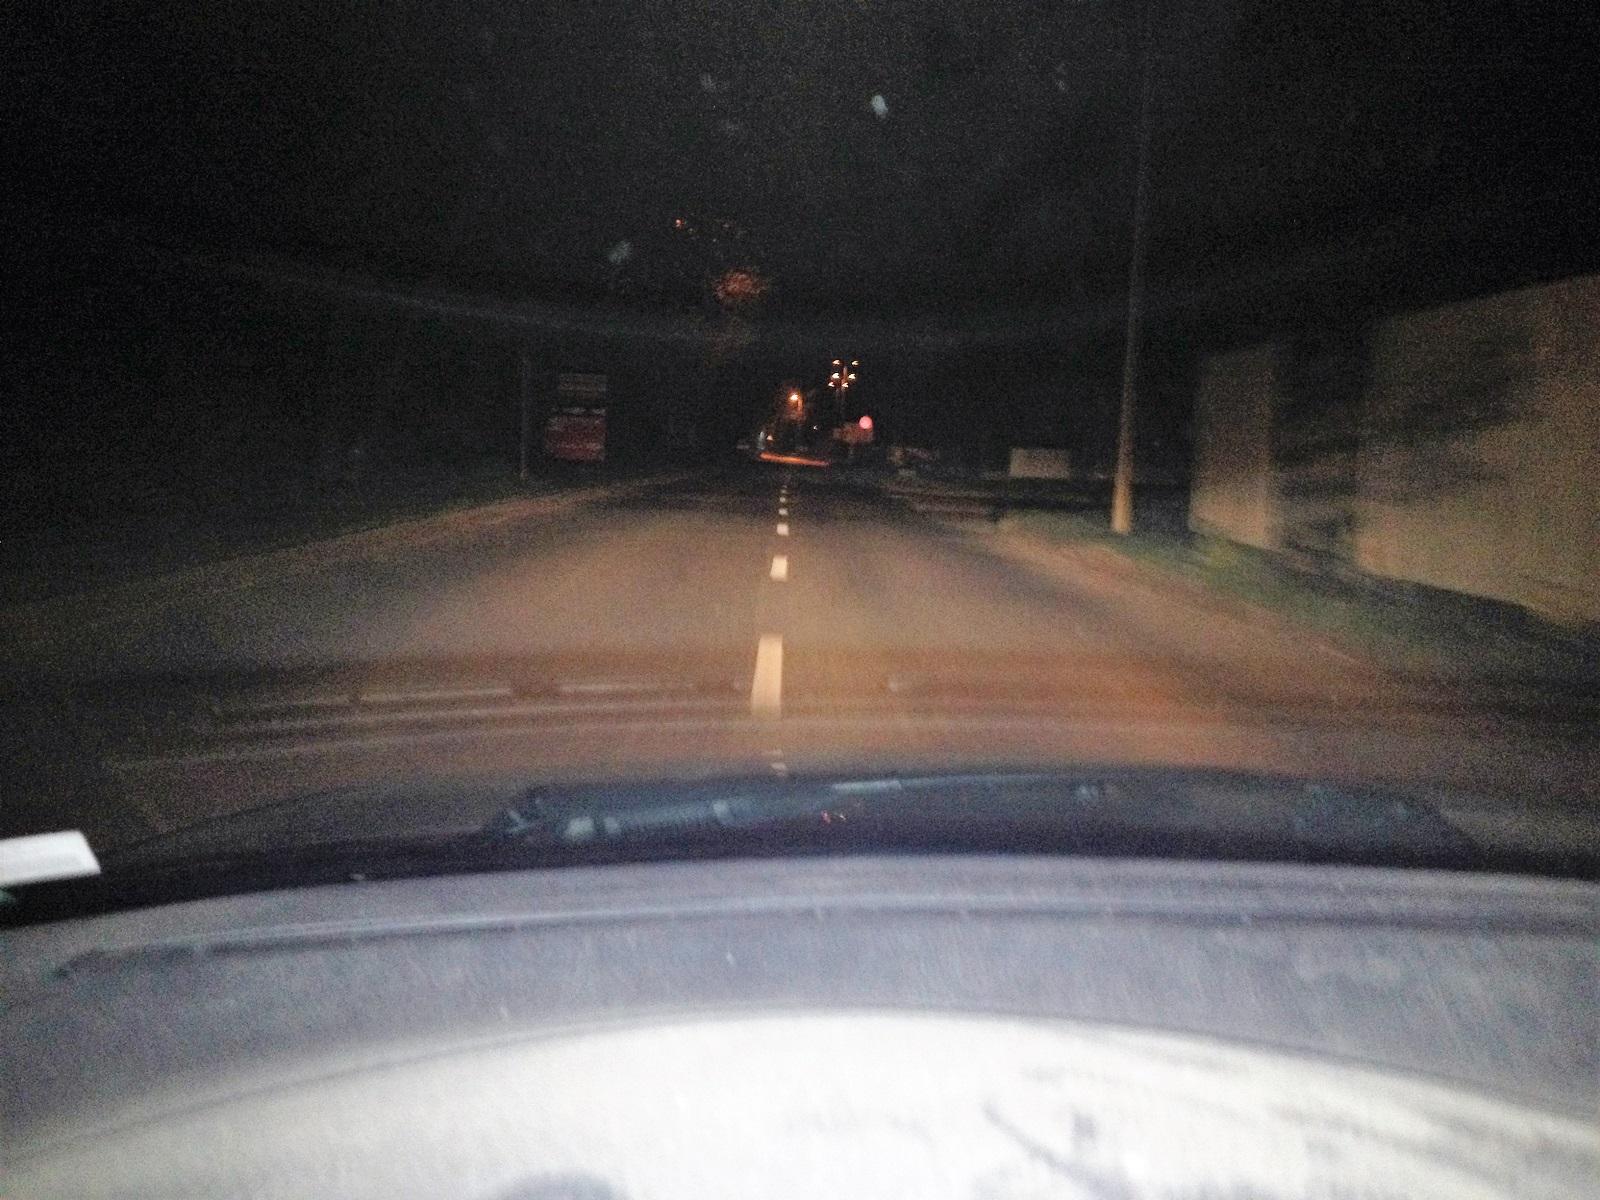 Hogyan javítsuk öreg autónk világítását